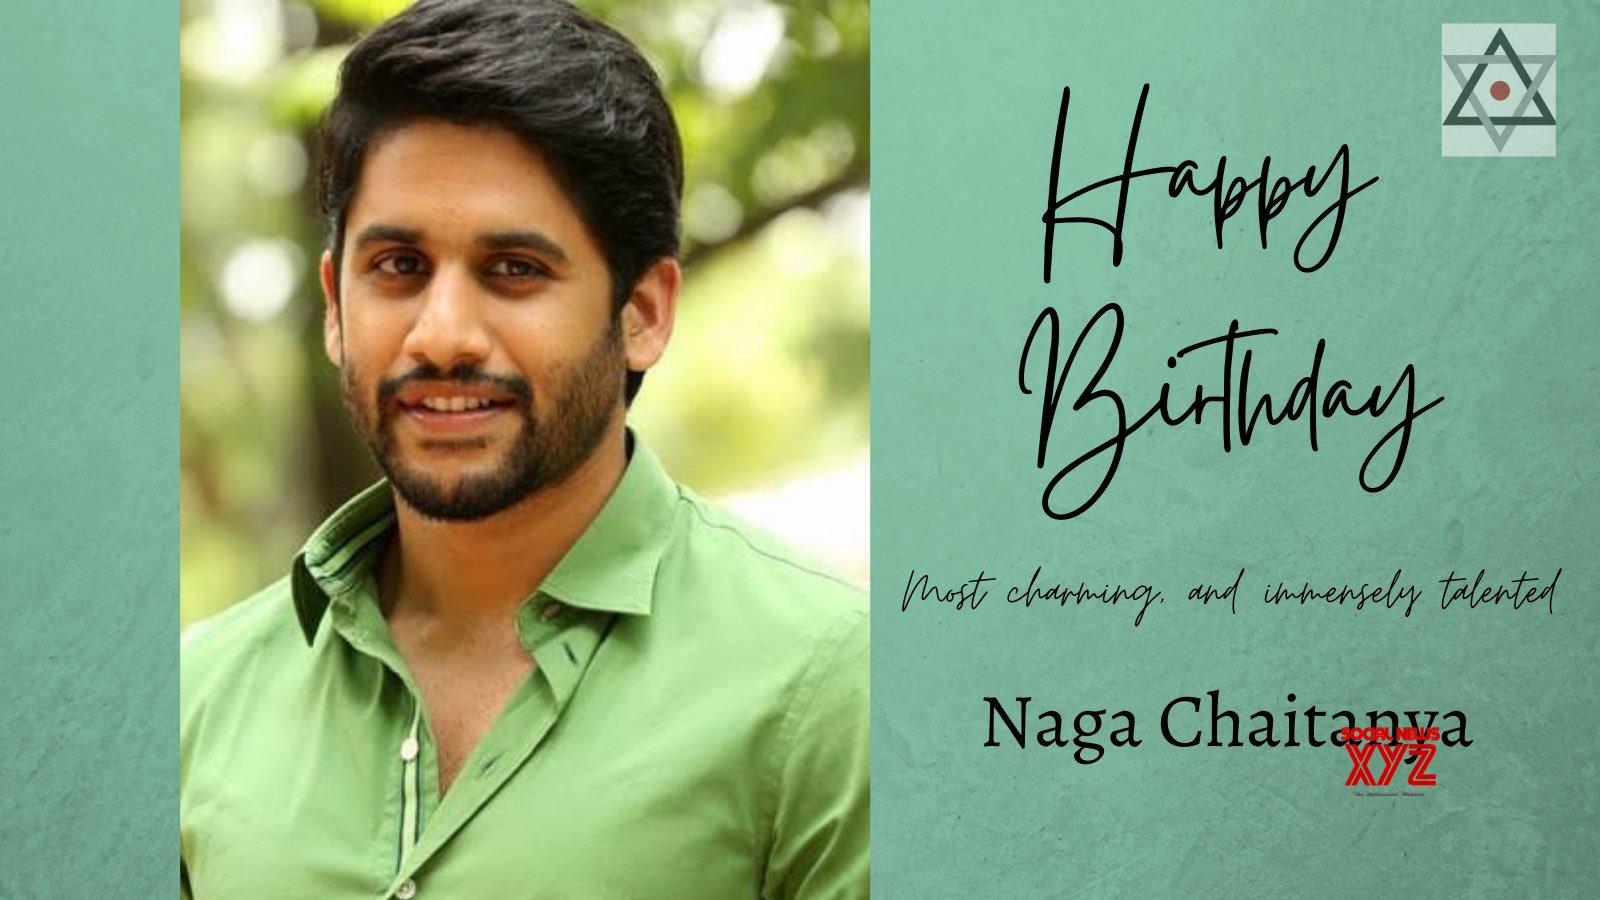 Naga Chaitanya Birthday 2020 Posters